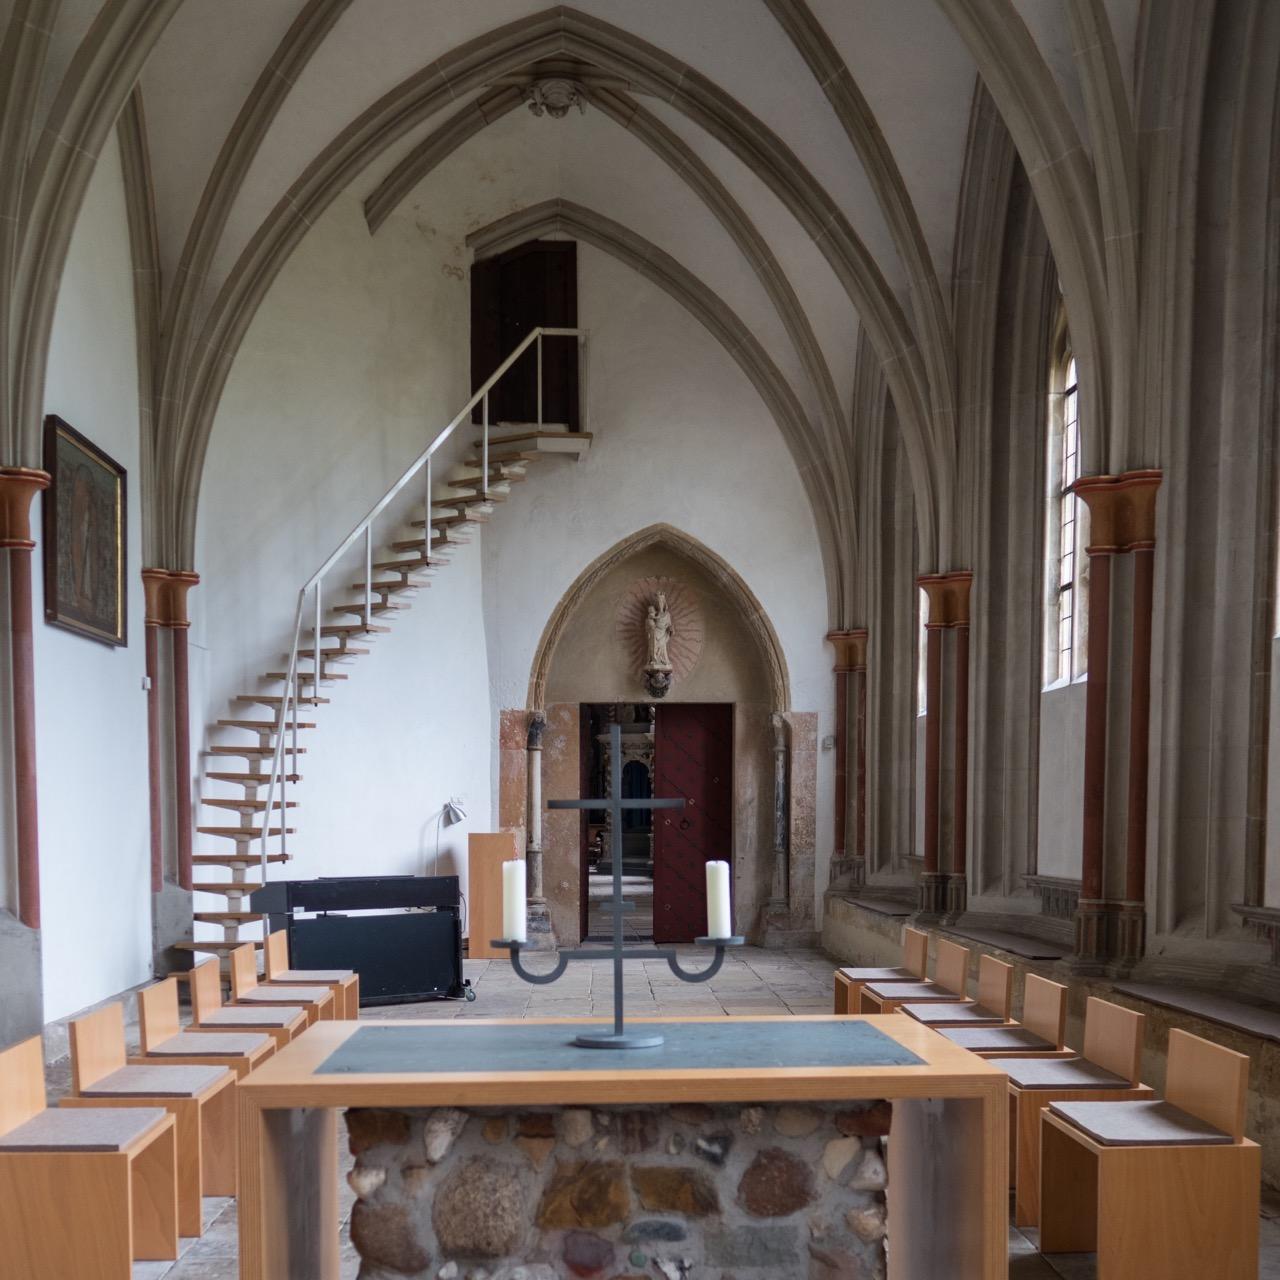 Kapelle im Kreuzgang, Rückansicht